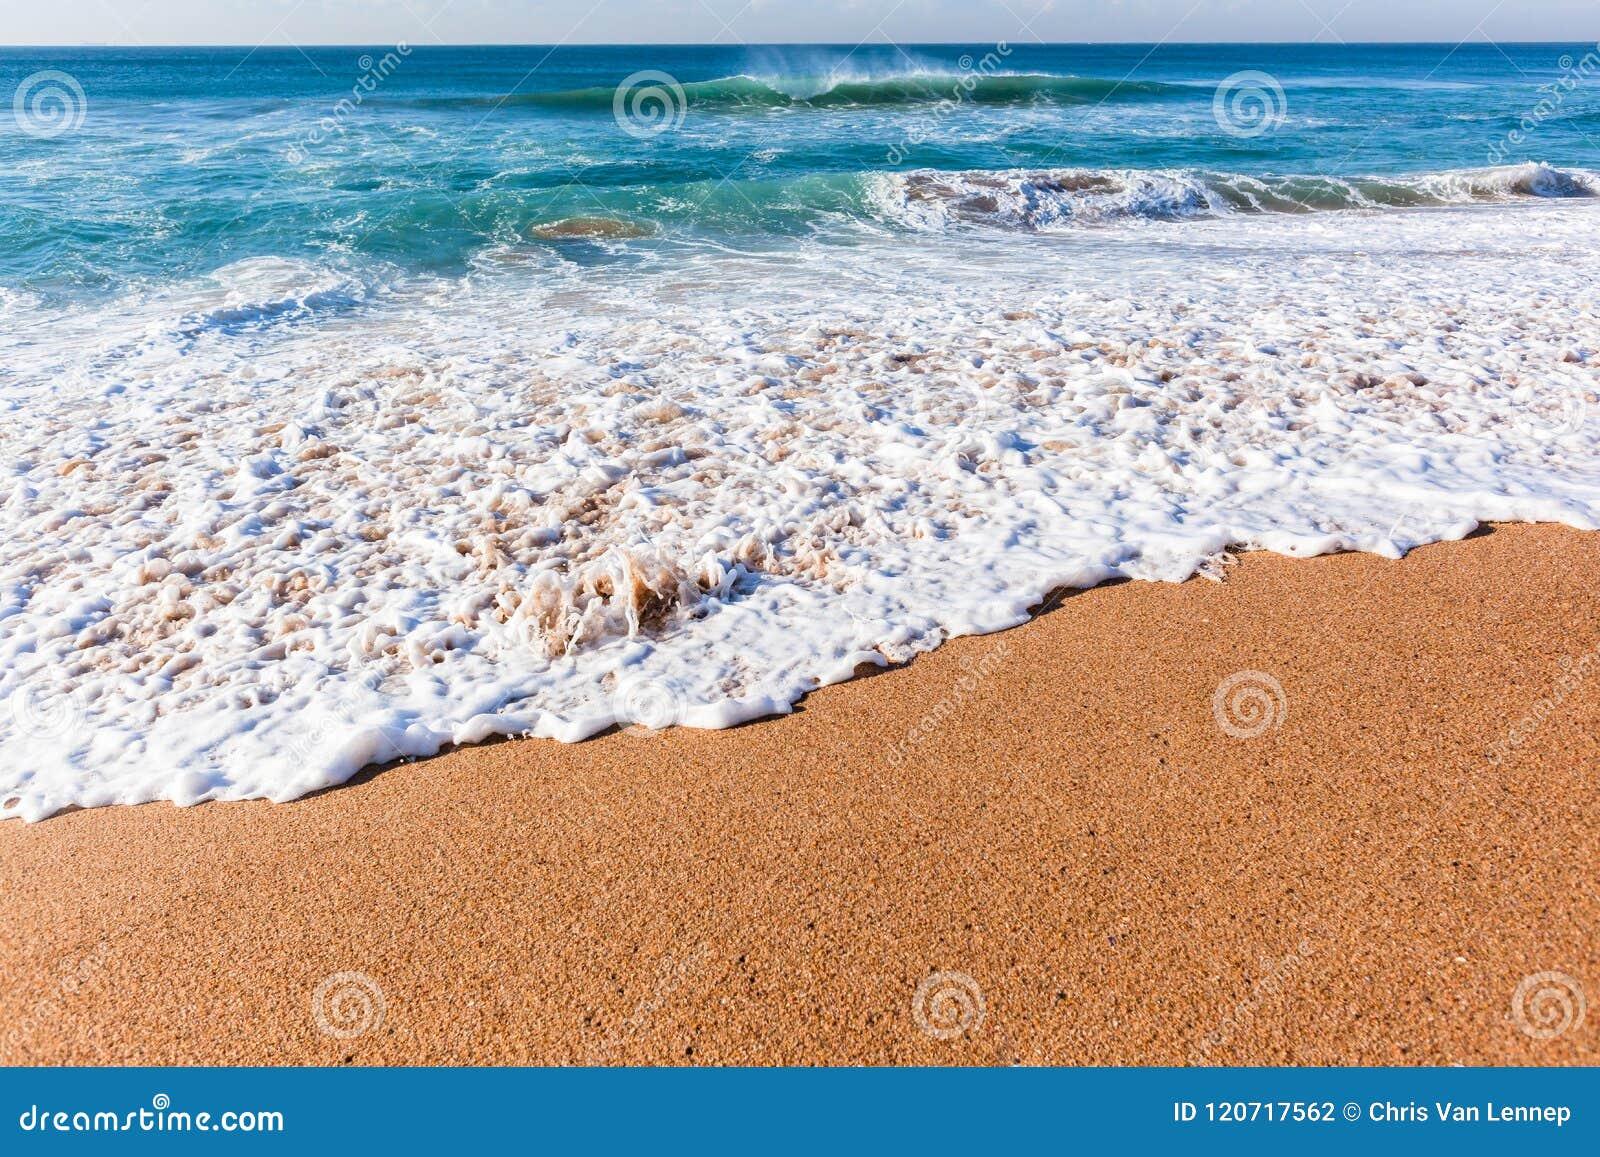 Beach Ocean Shoreline Wash